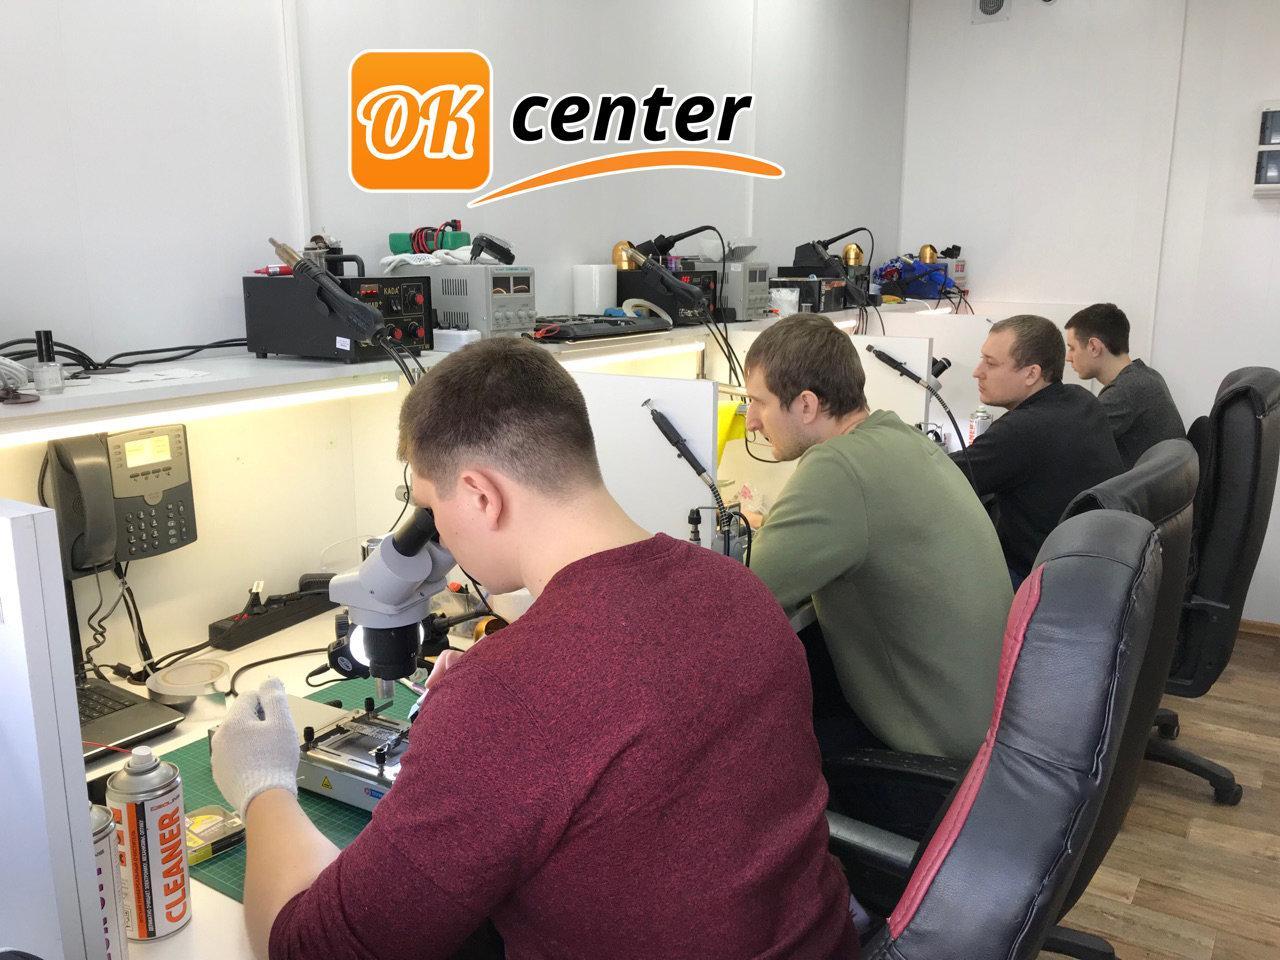 фотография Сервисного центра Ок-center на Широтной улице